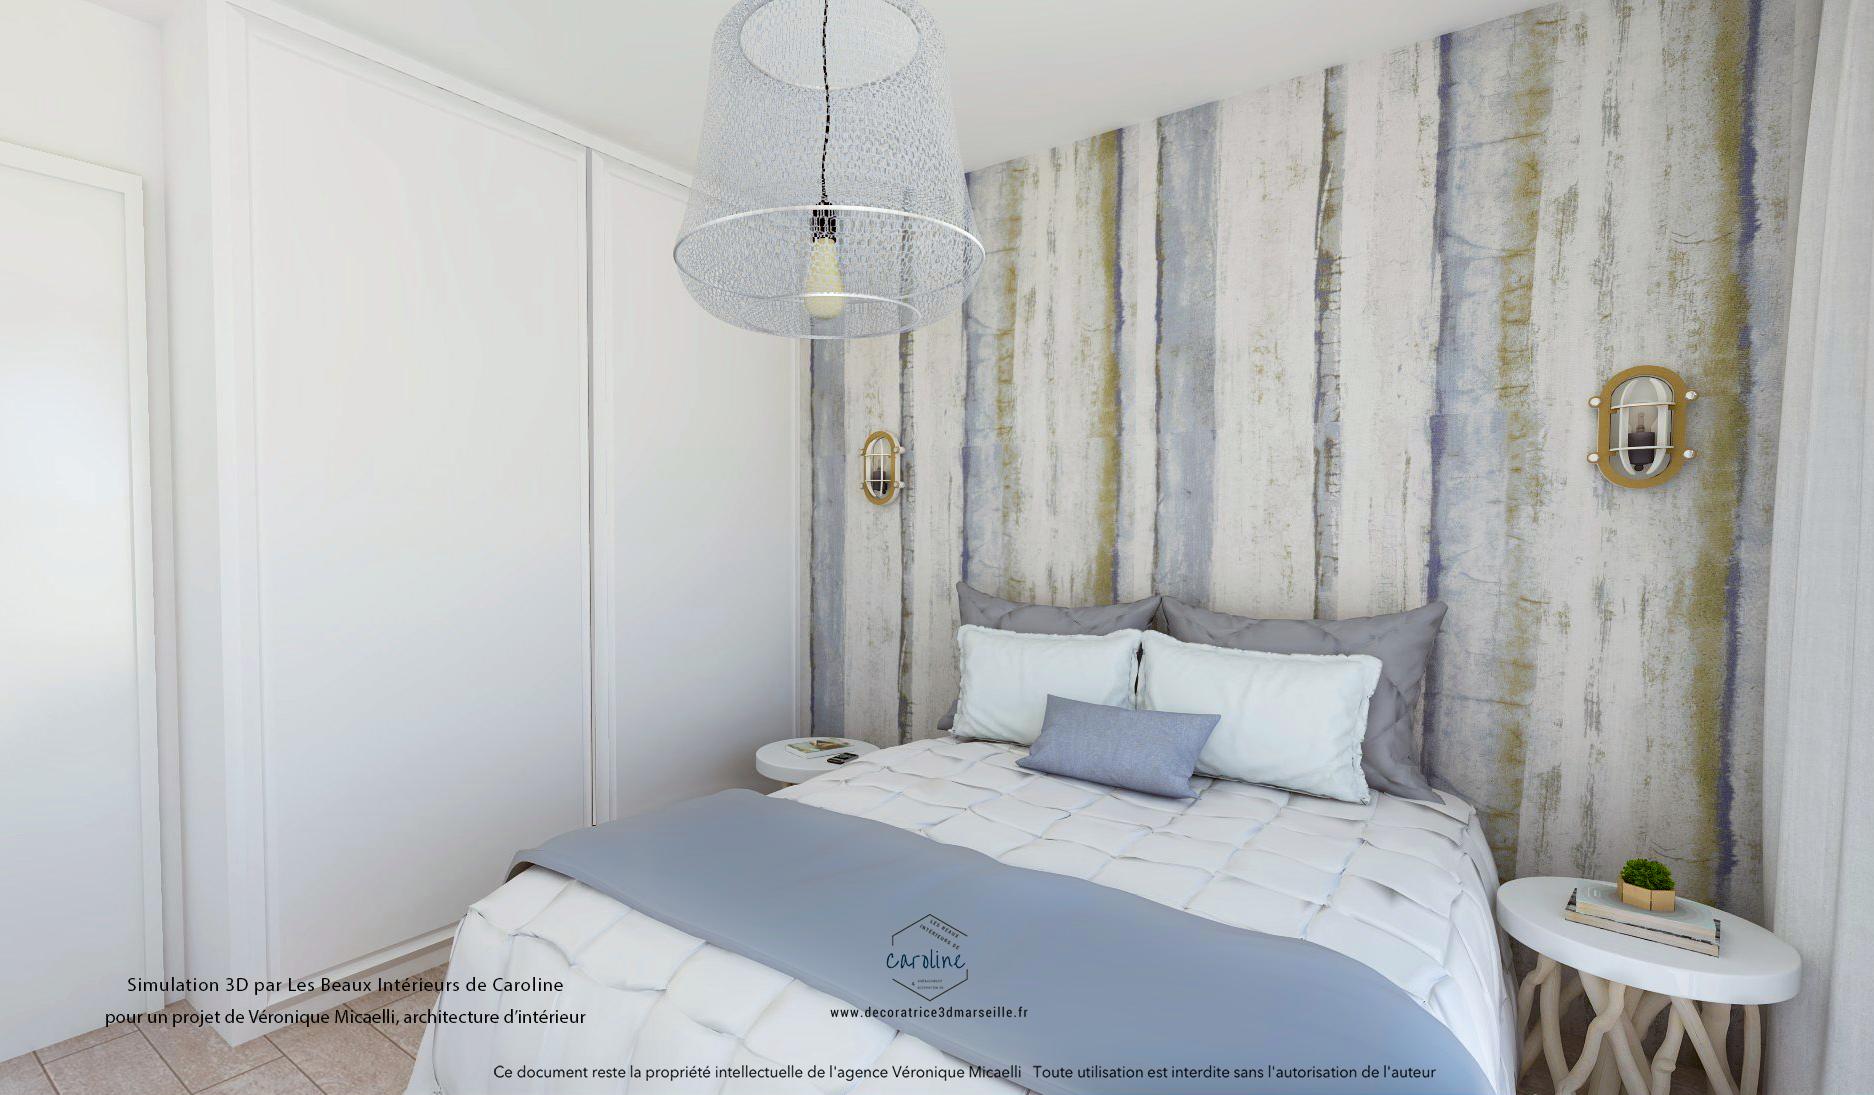 Image 3D d'une chambre aménagée et décorée esprit bord de mer blanche et bleue, tons naturels et matières naturelles, bois, lin et blanc